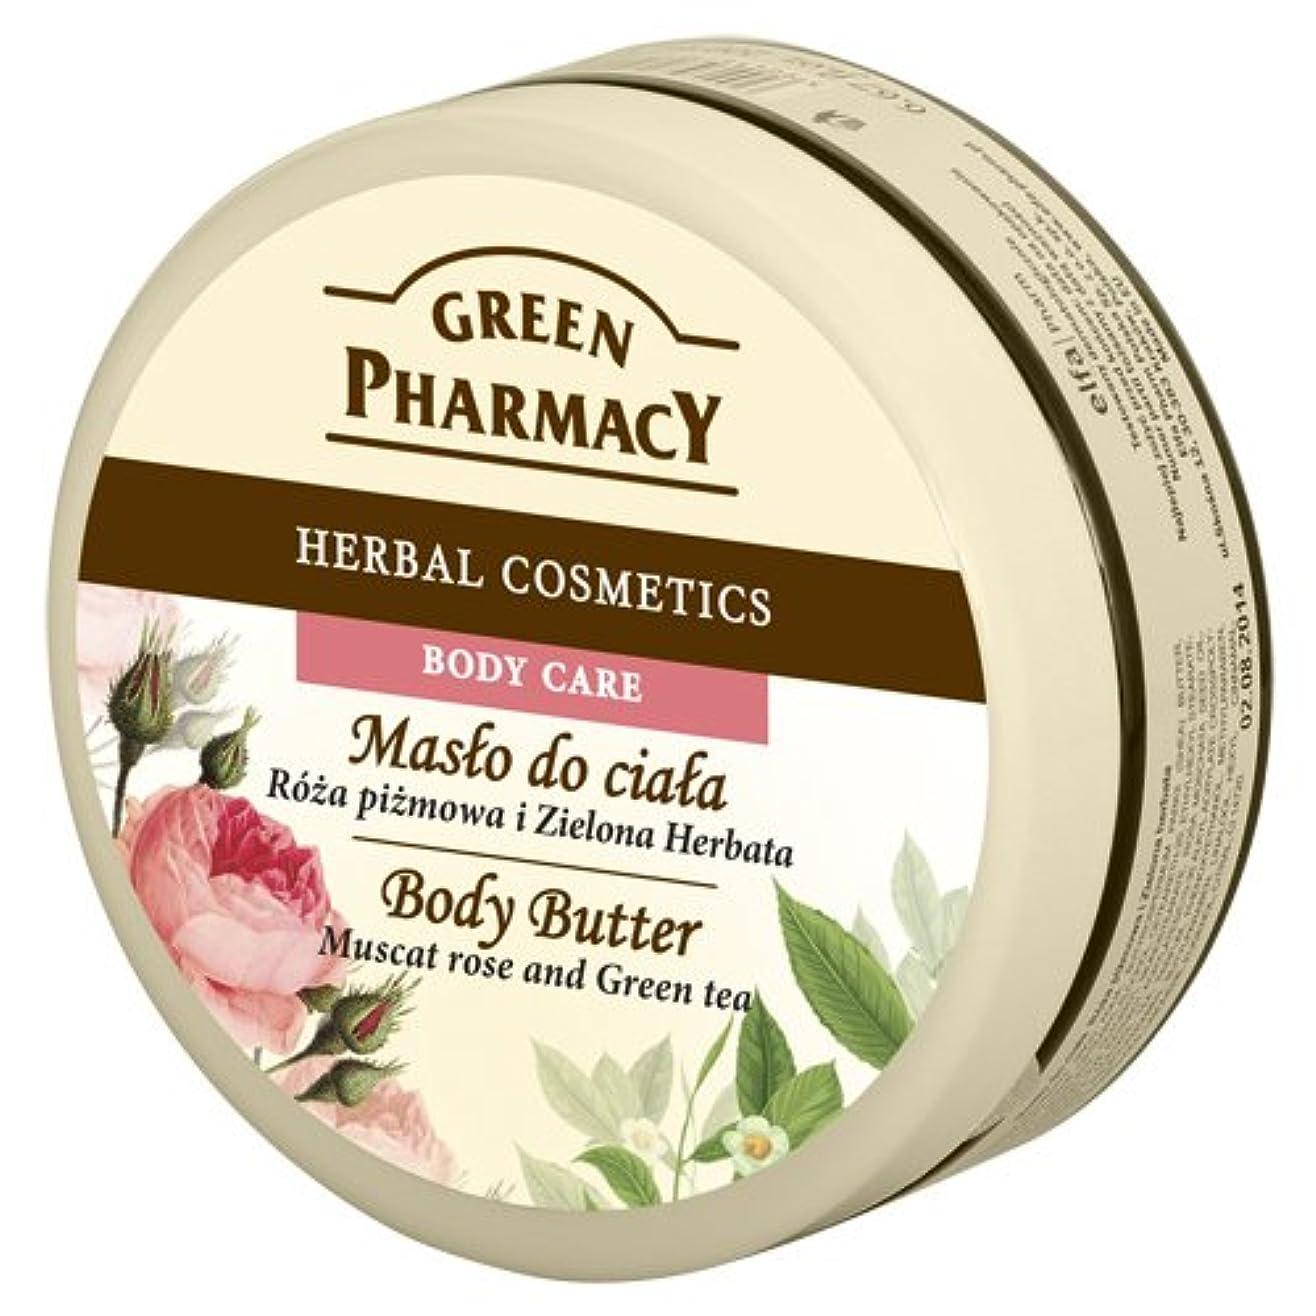 クモ浸漬シロナガスクジラElfa Pharm Green Pharmacy グリーンファーマシー Body Butter ボディバター Muscat Rose and Green Tea